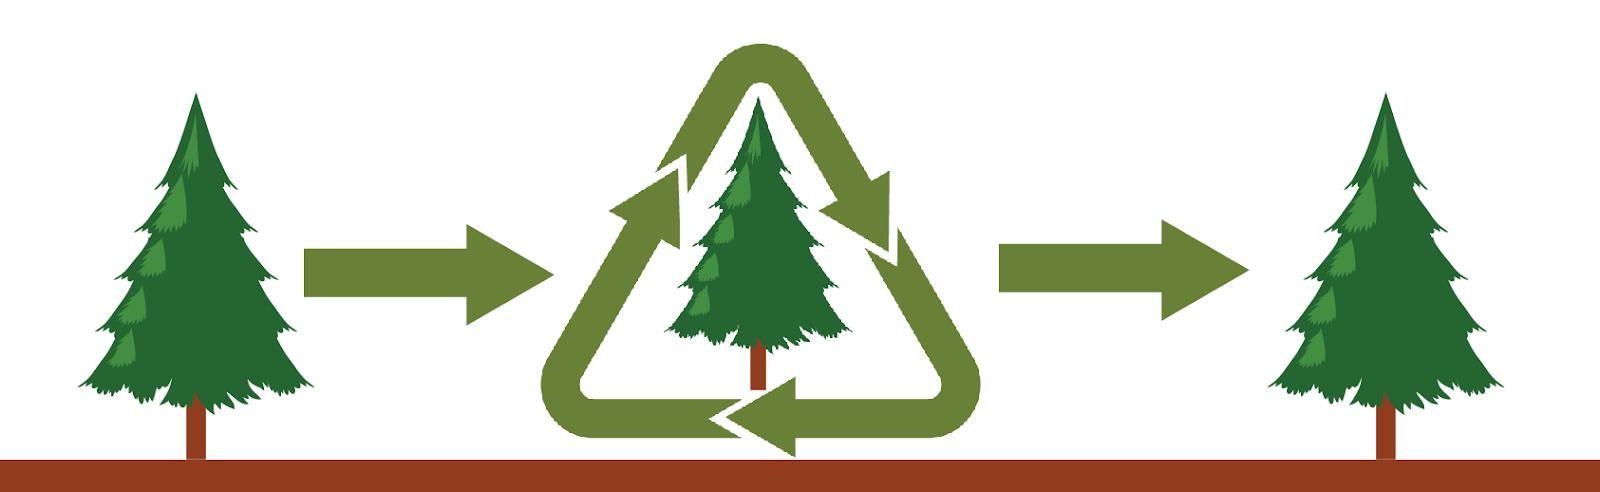 C:\Users\PC\Desktop\Bozicna drevesa\blogi slike\življenjski cikel 2.png